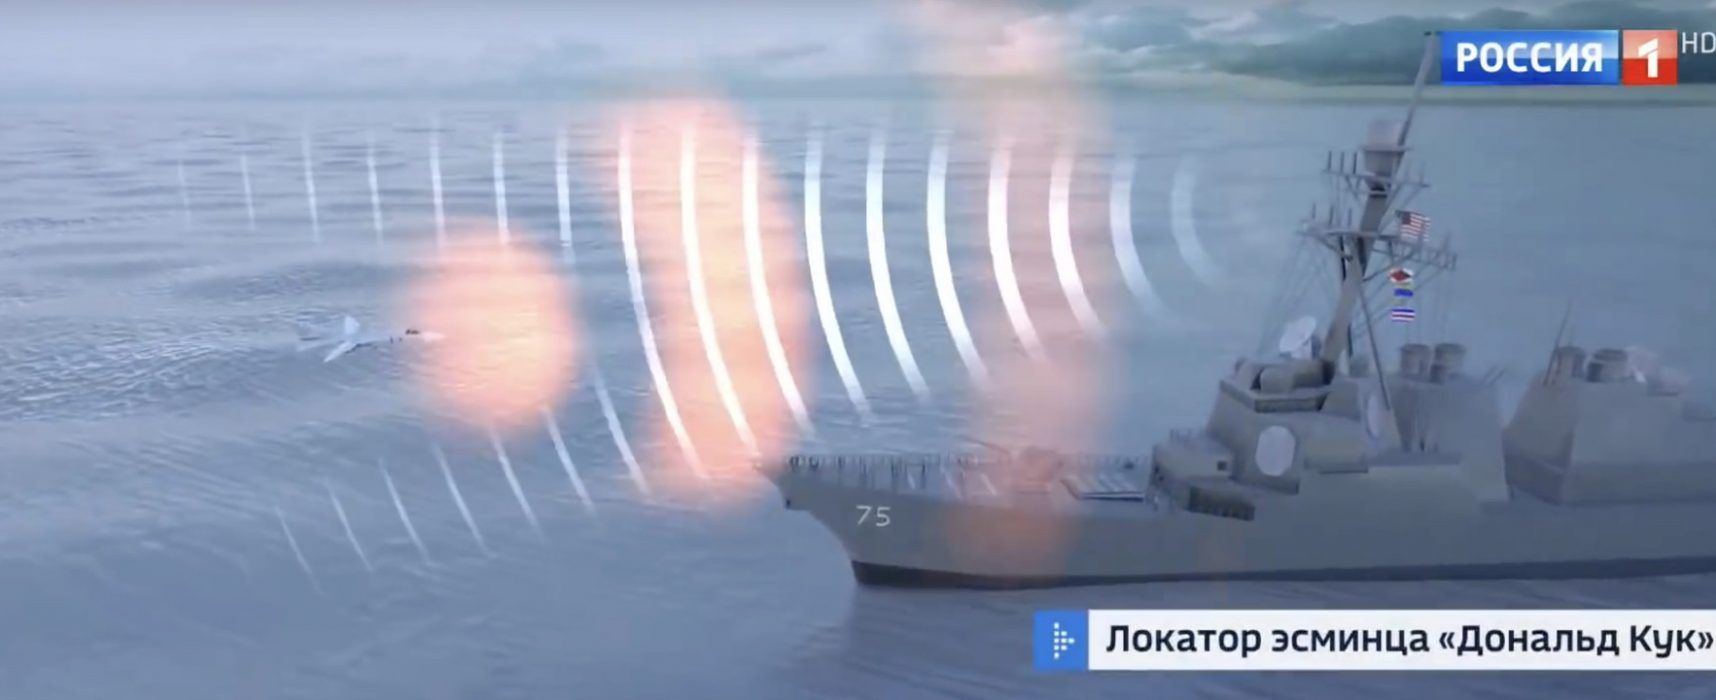 Фейковая «электронная бомба» России